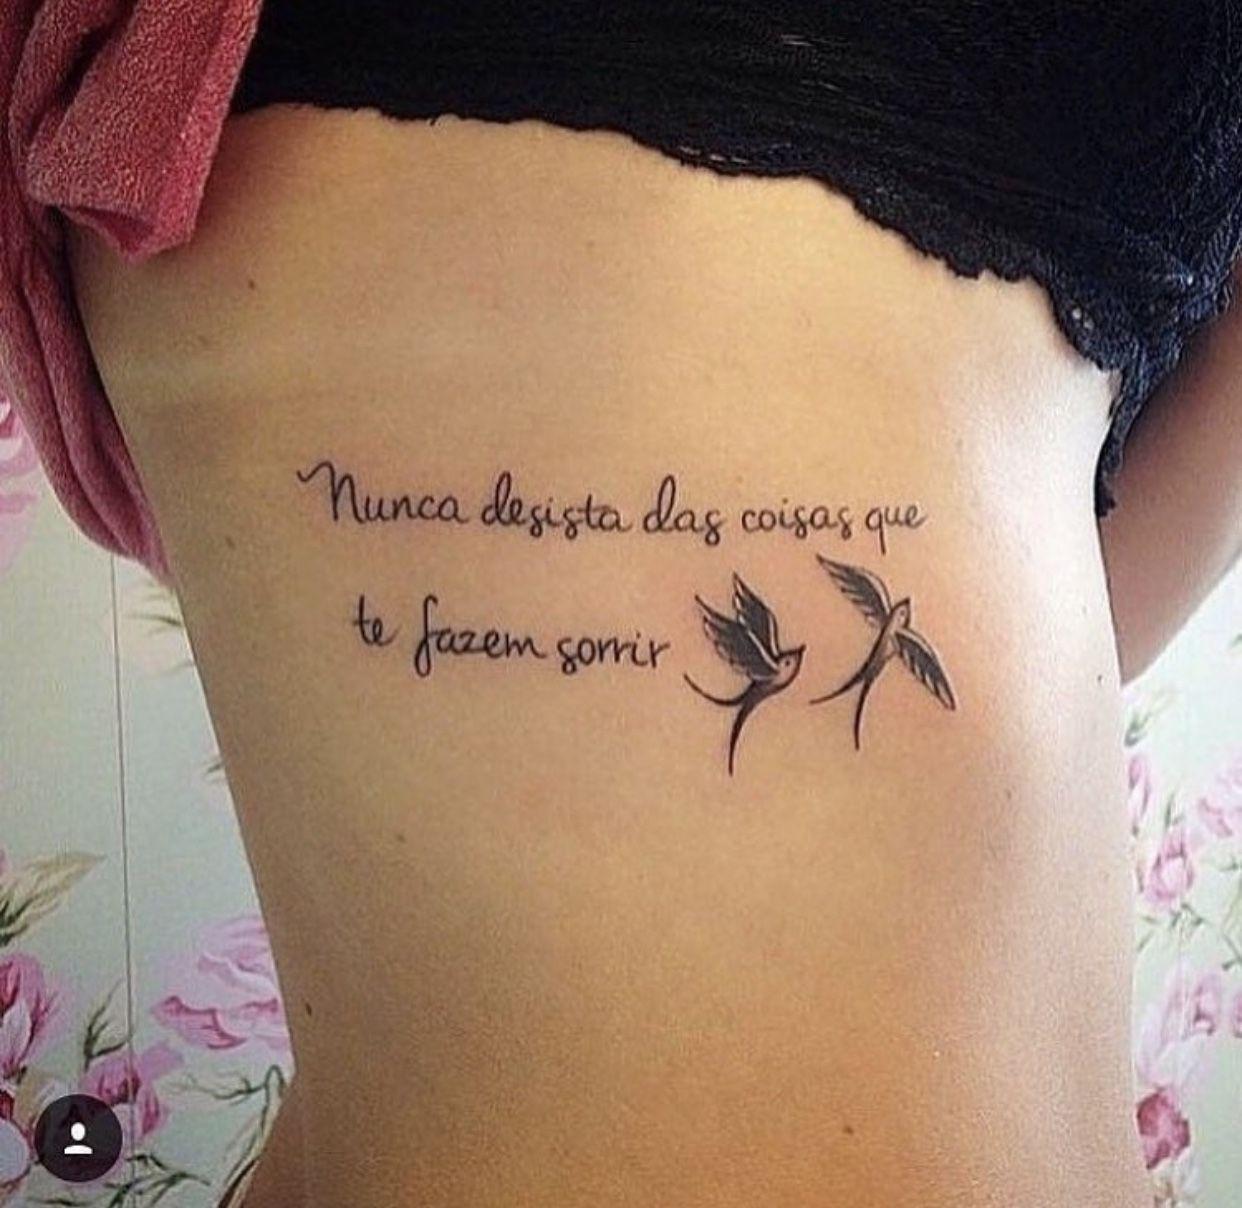 Pin de Naz Tanı em Karanlık Tatuagem, Tatuagem feminina